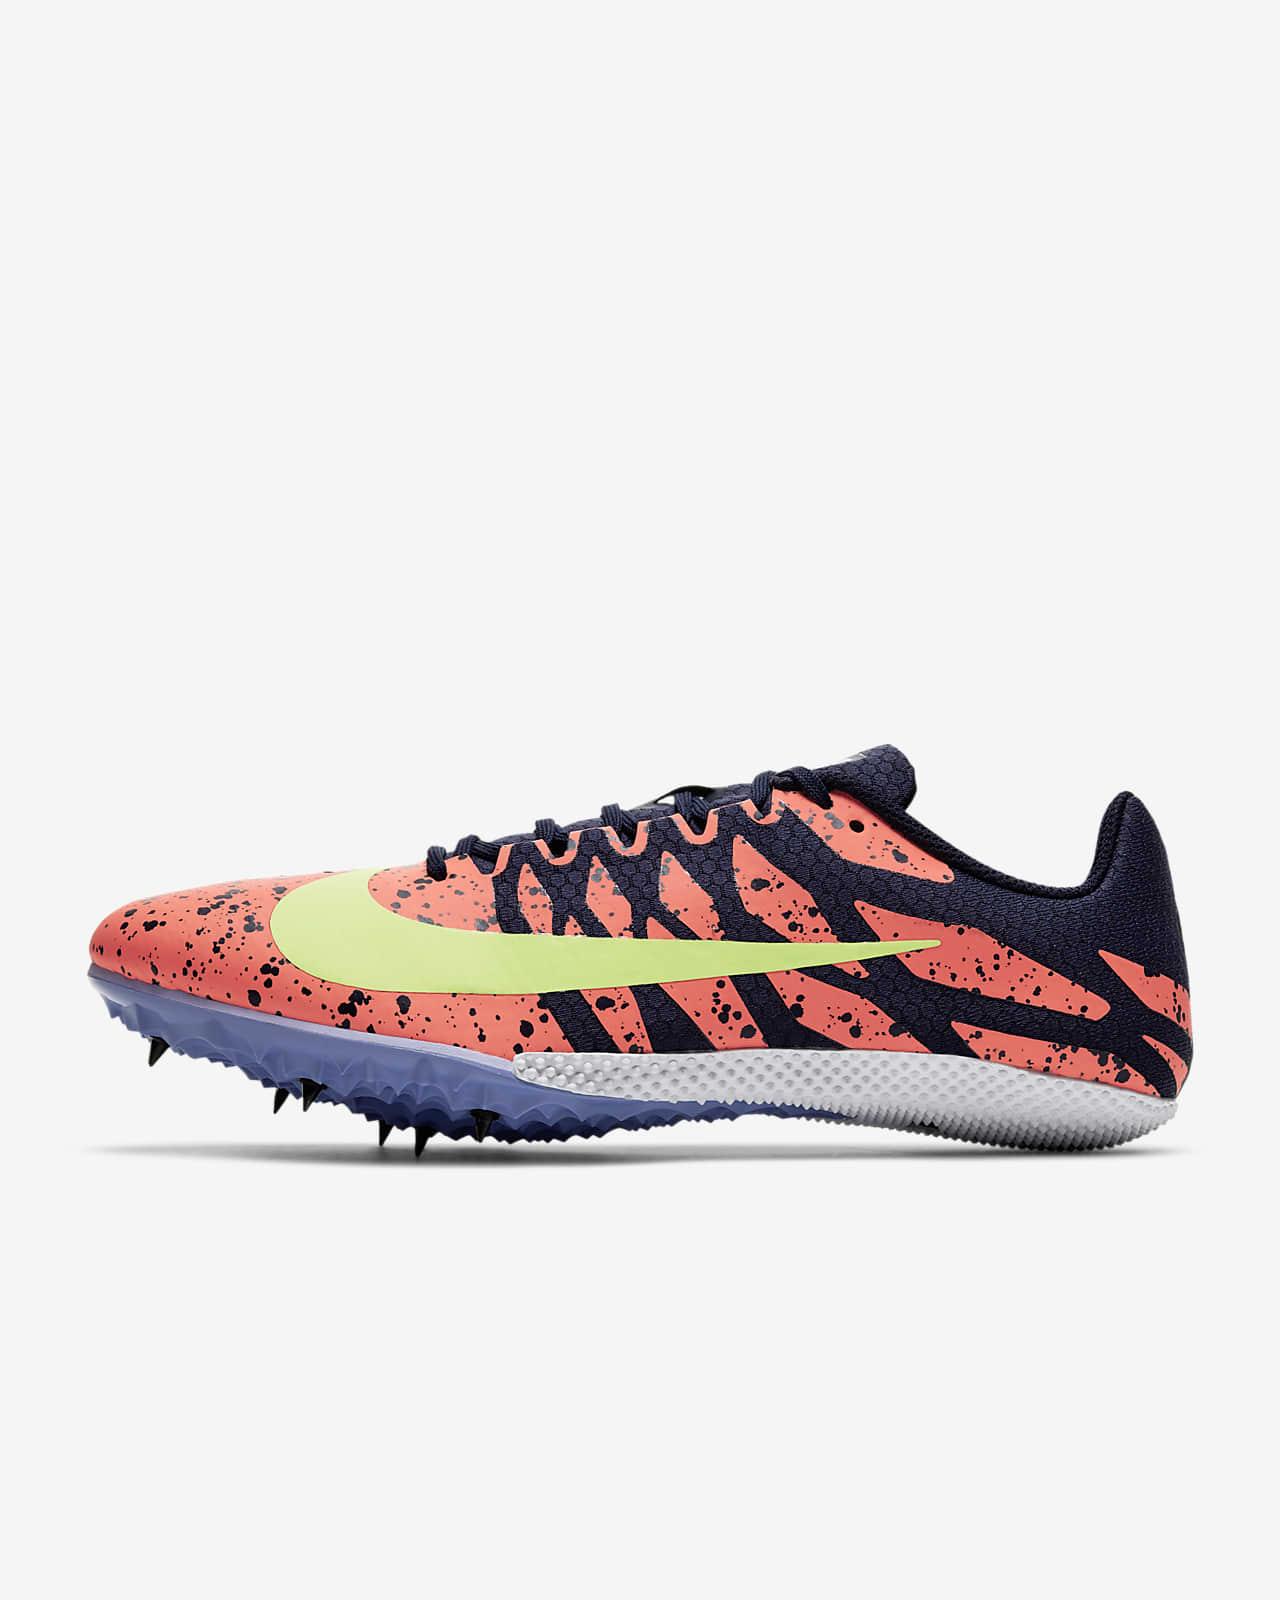 Chaussure de course à pointes Nike Zoom Rival S 9